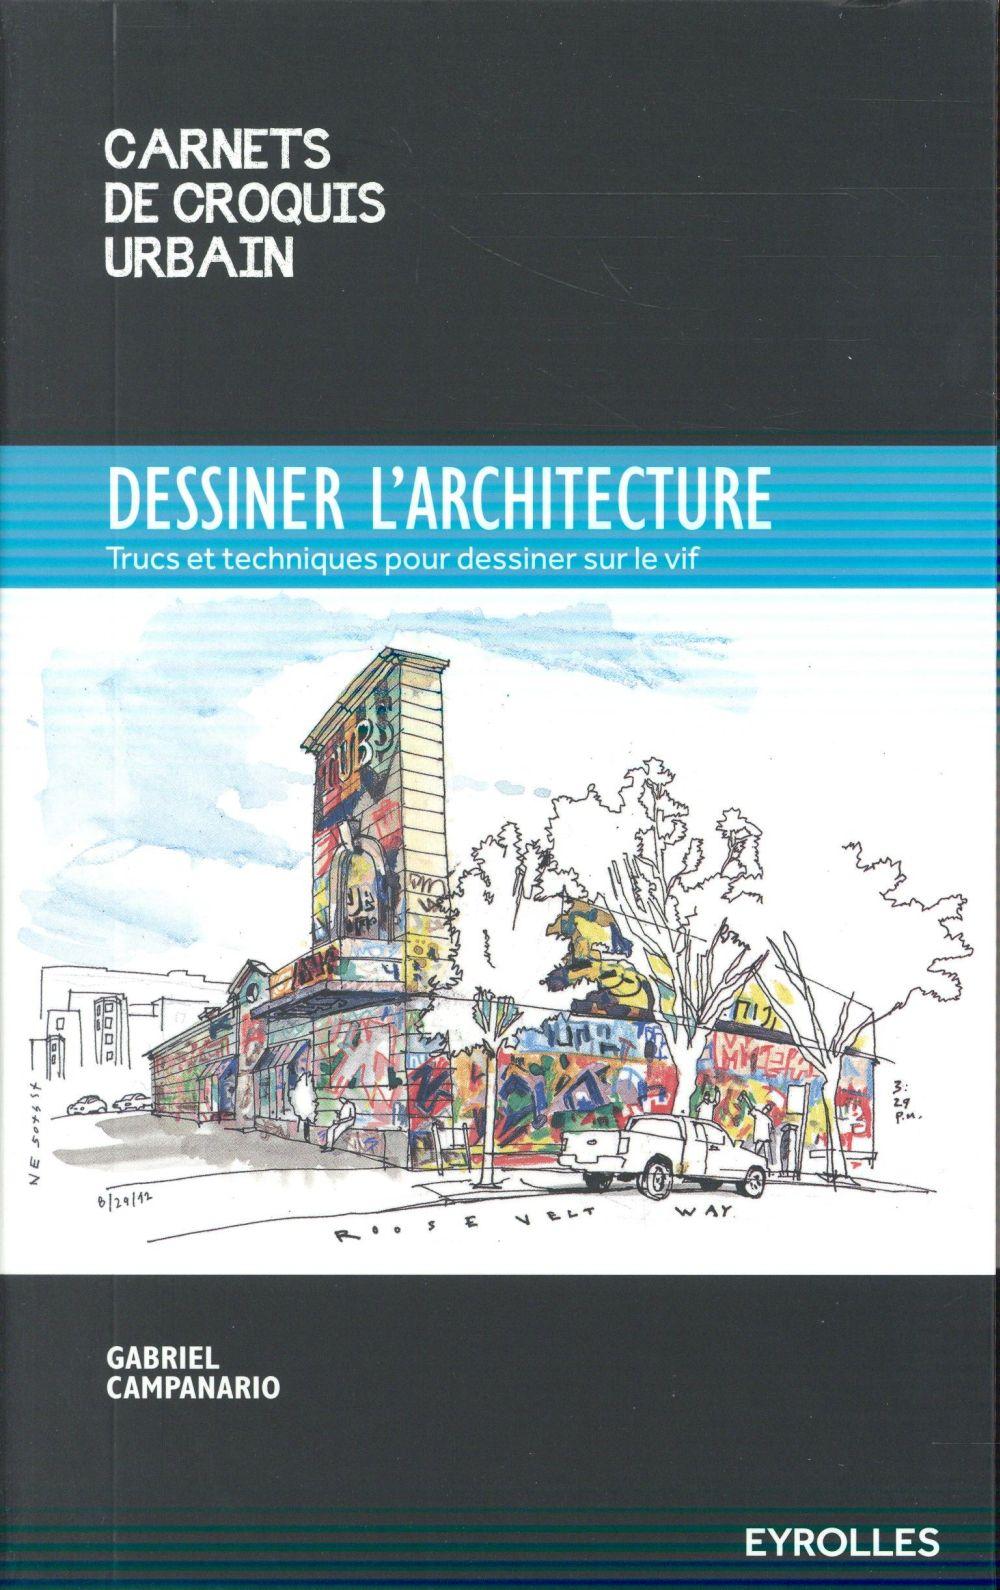 DESSINER L'ARCHITECTURE TRUCS ET TECHNIQUES POUR DESSINER SUR LE VIF